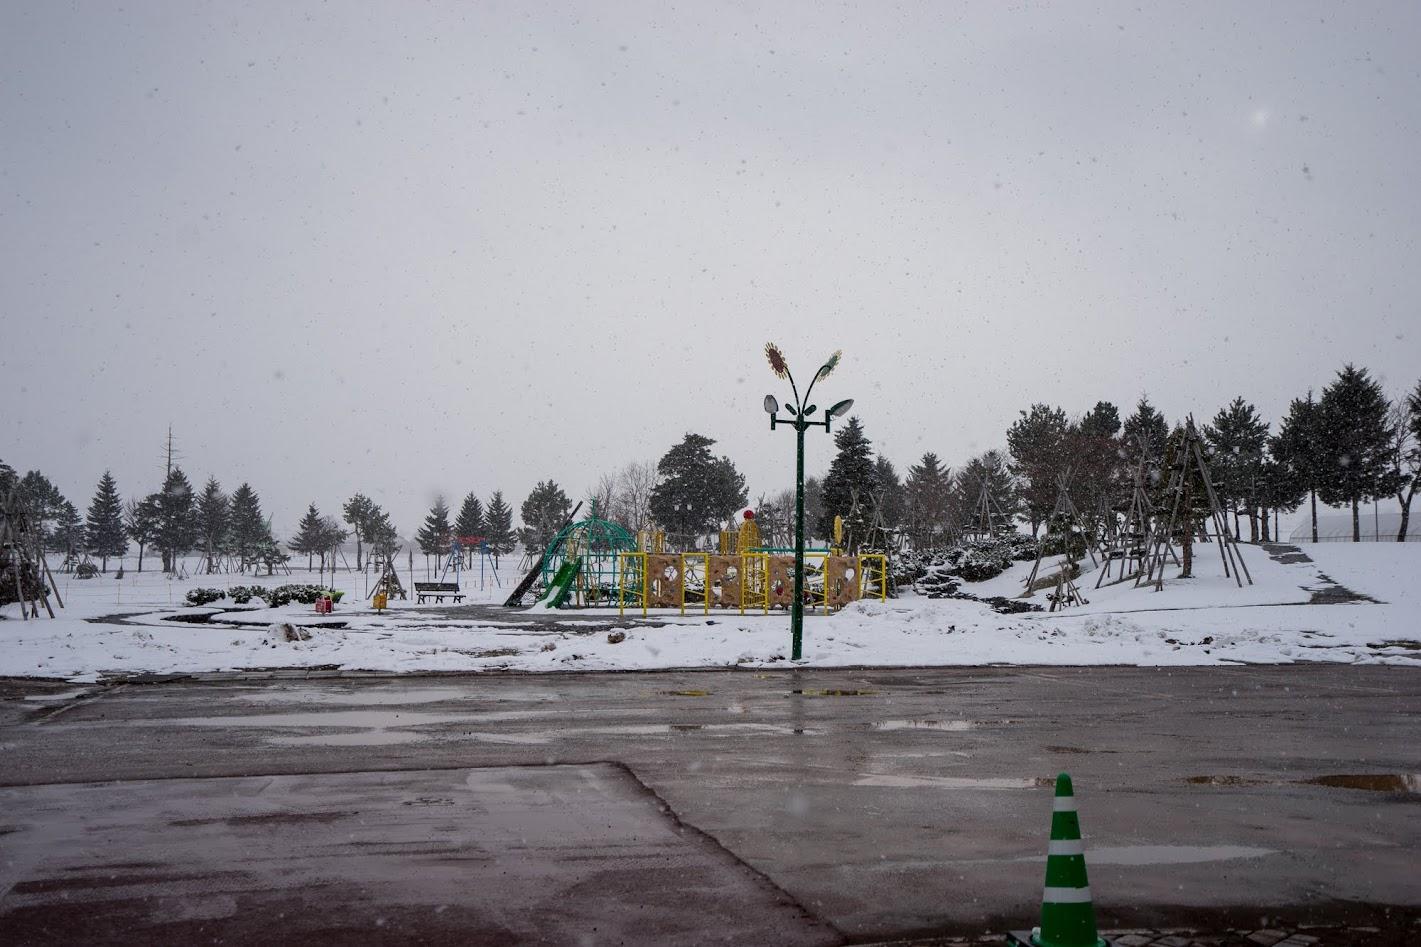 公園(ターザンロープ、ロッククライマー、幼児用スプリング遊具等)